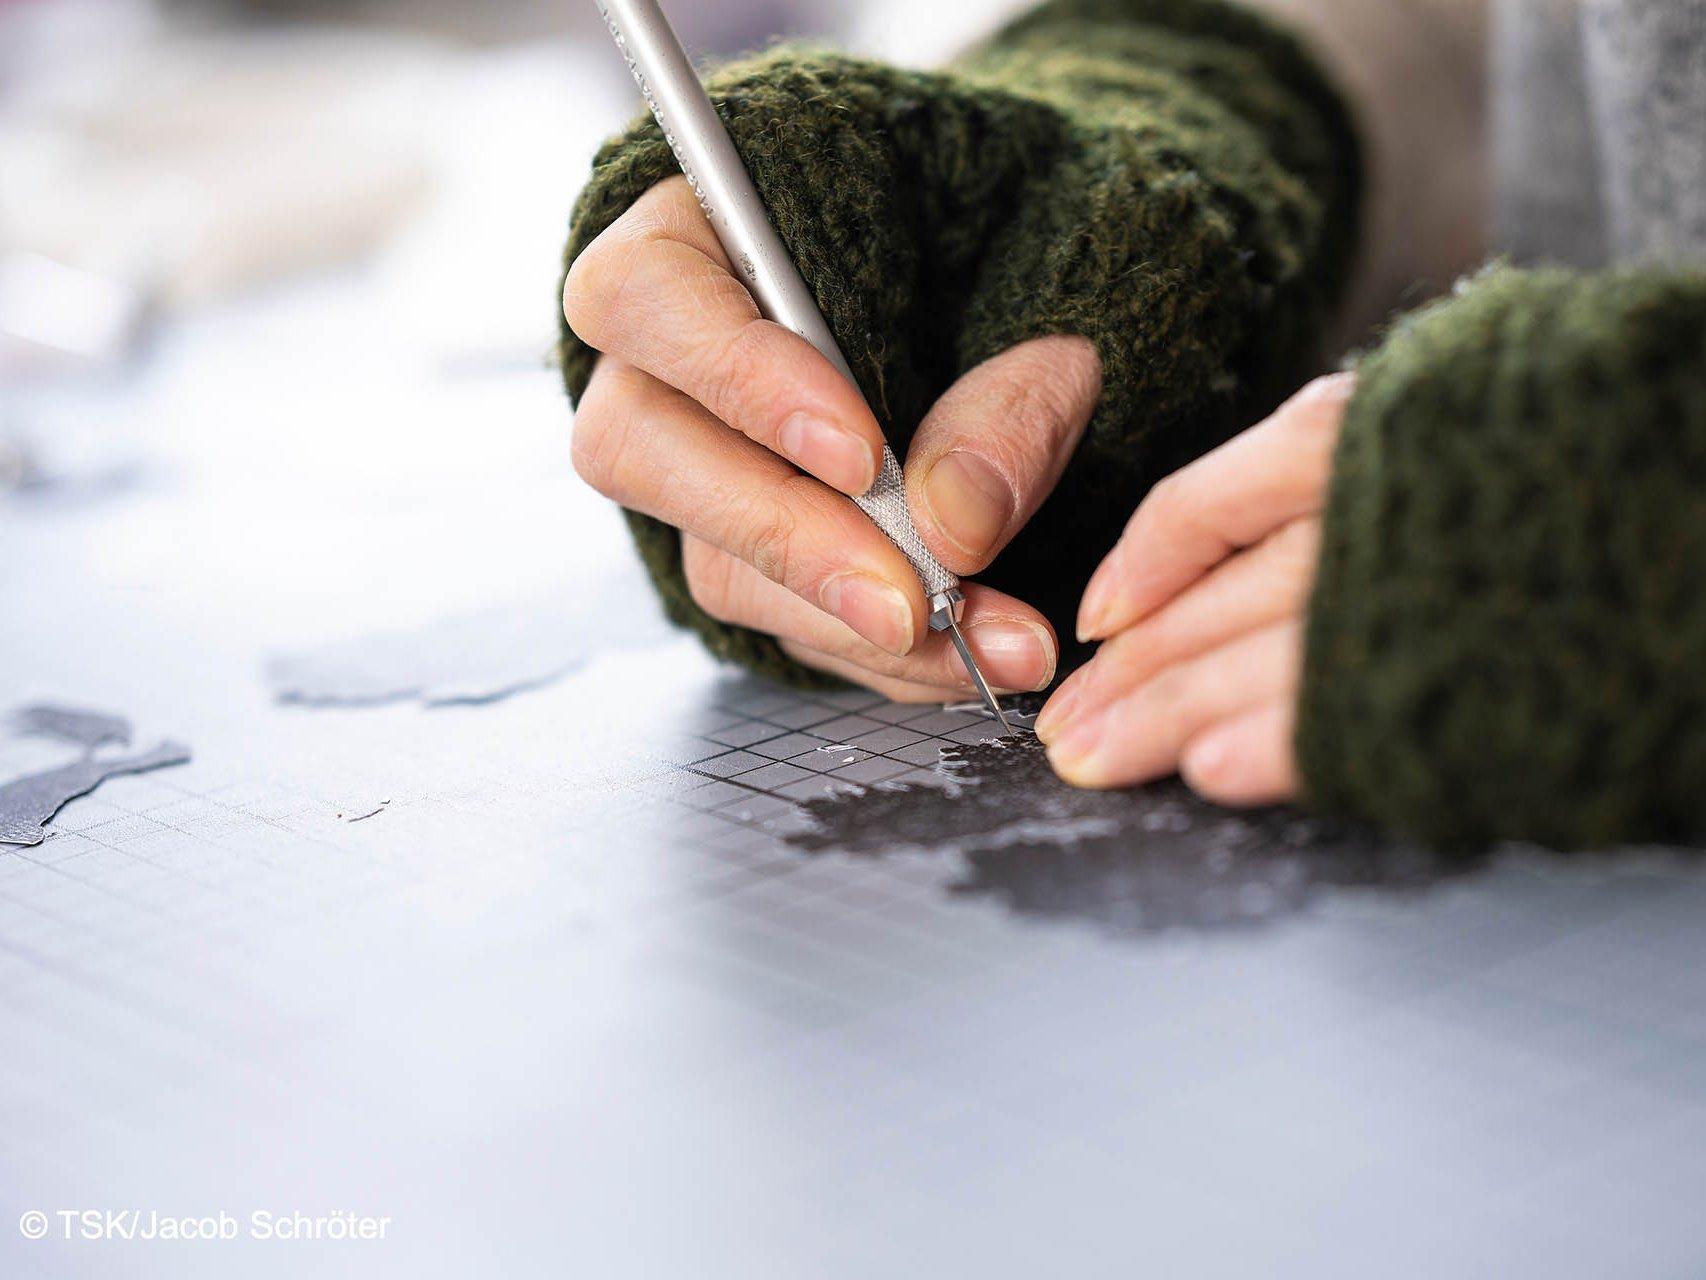 Nahaufnahme der Hände der Künstlerin Sophie von Hayek, die gerade mit einem Skalpell ein Bild ausschneidet